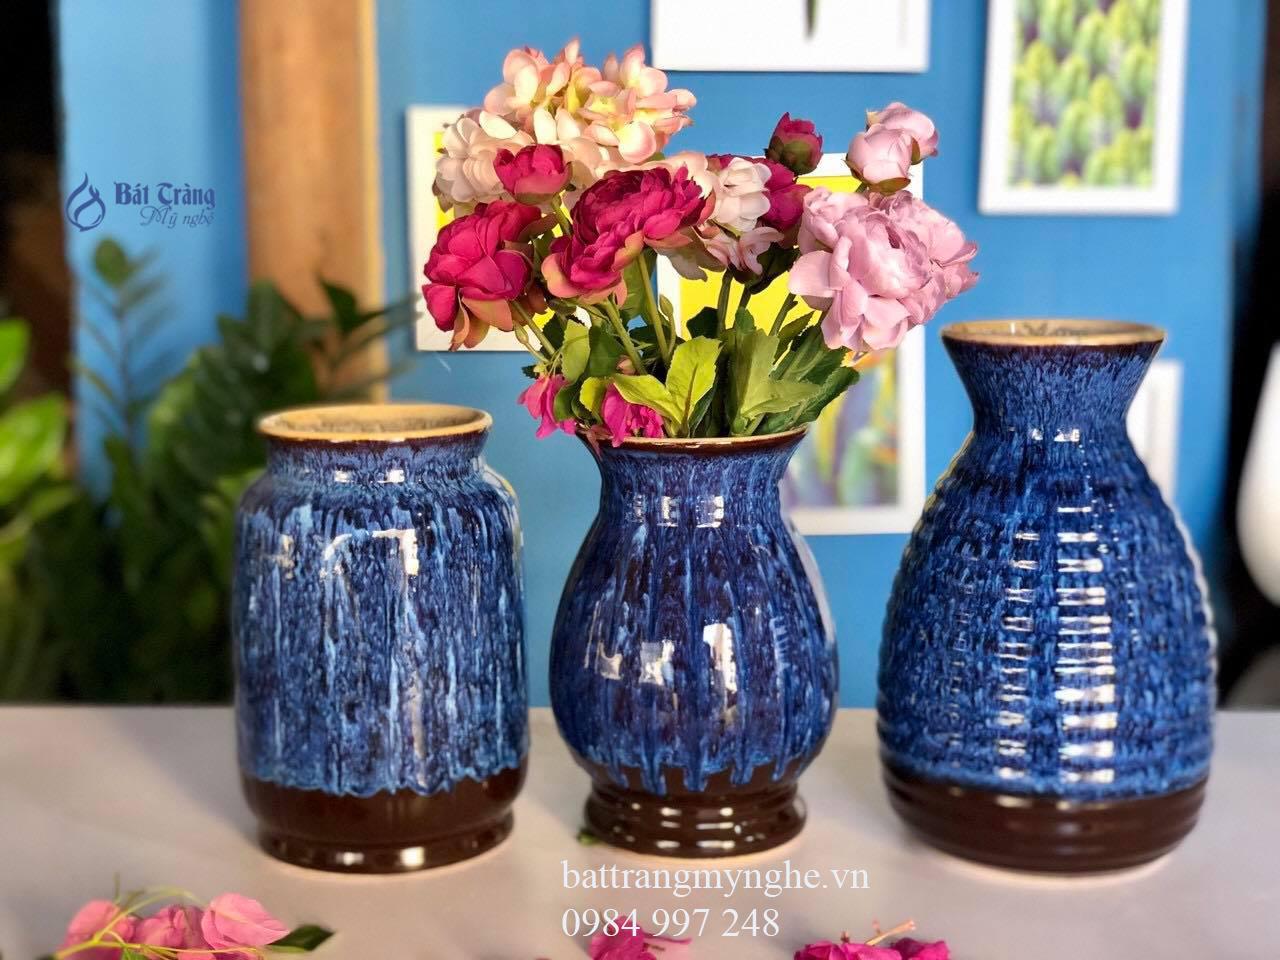 Bộ ba lọ hoa anh em men xanh đậm